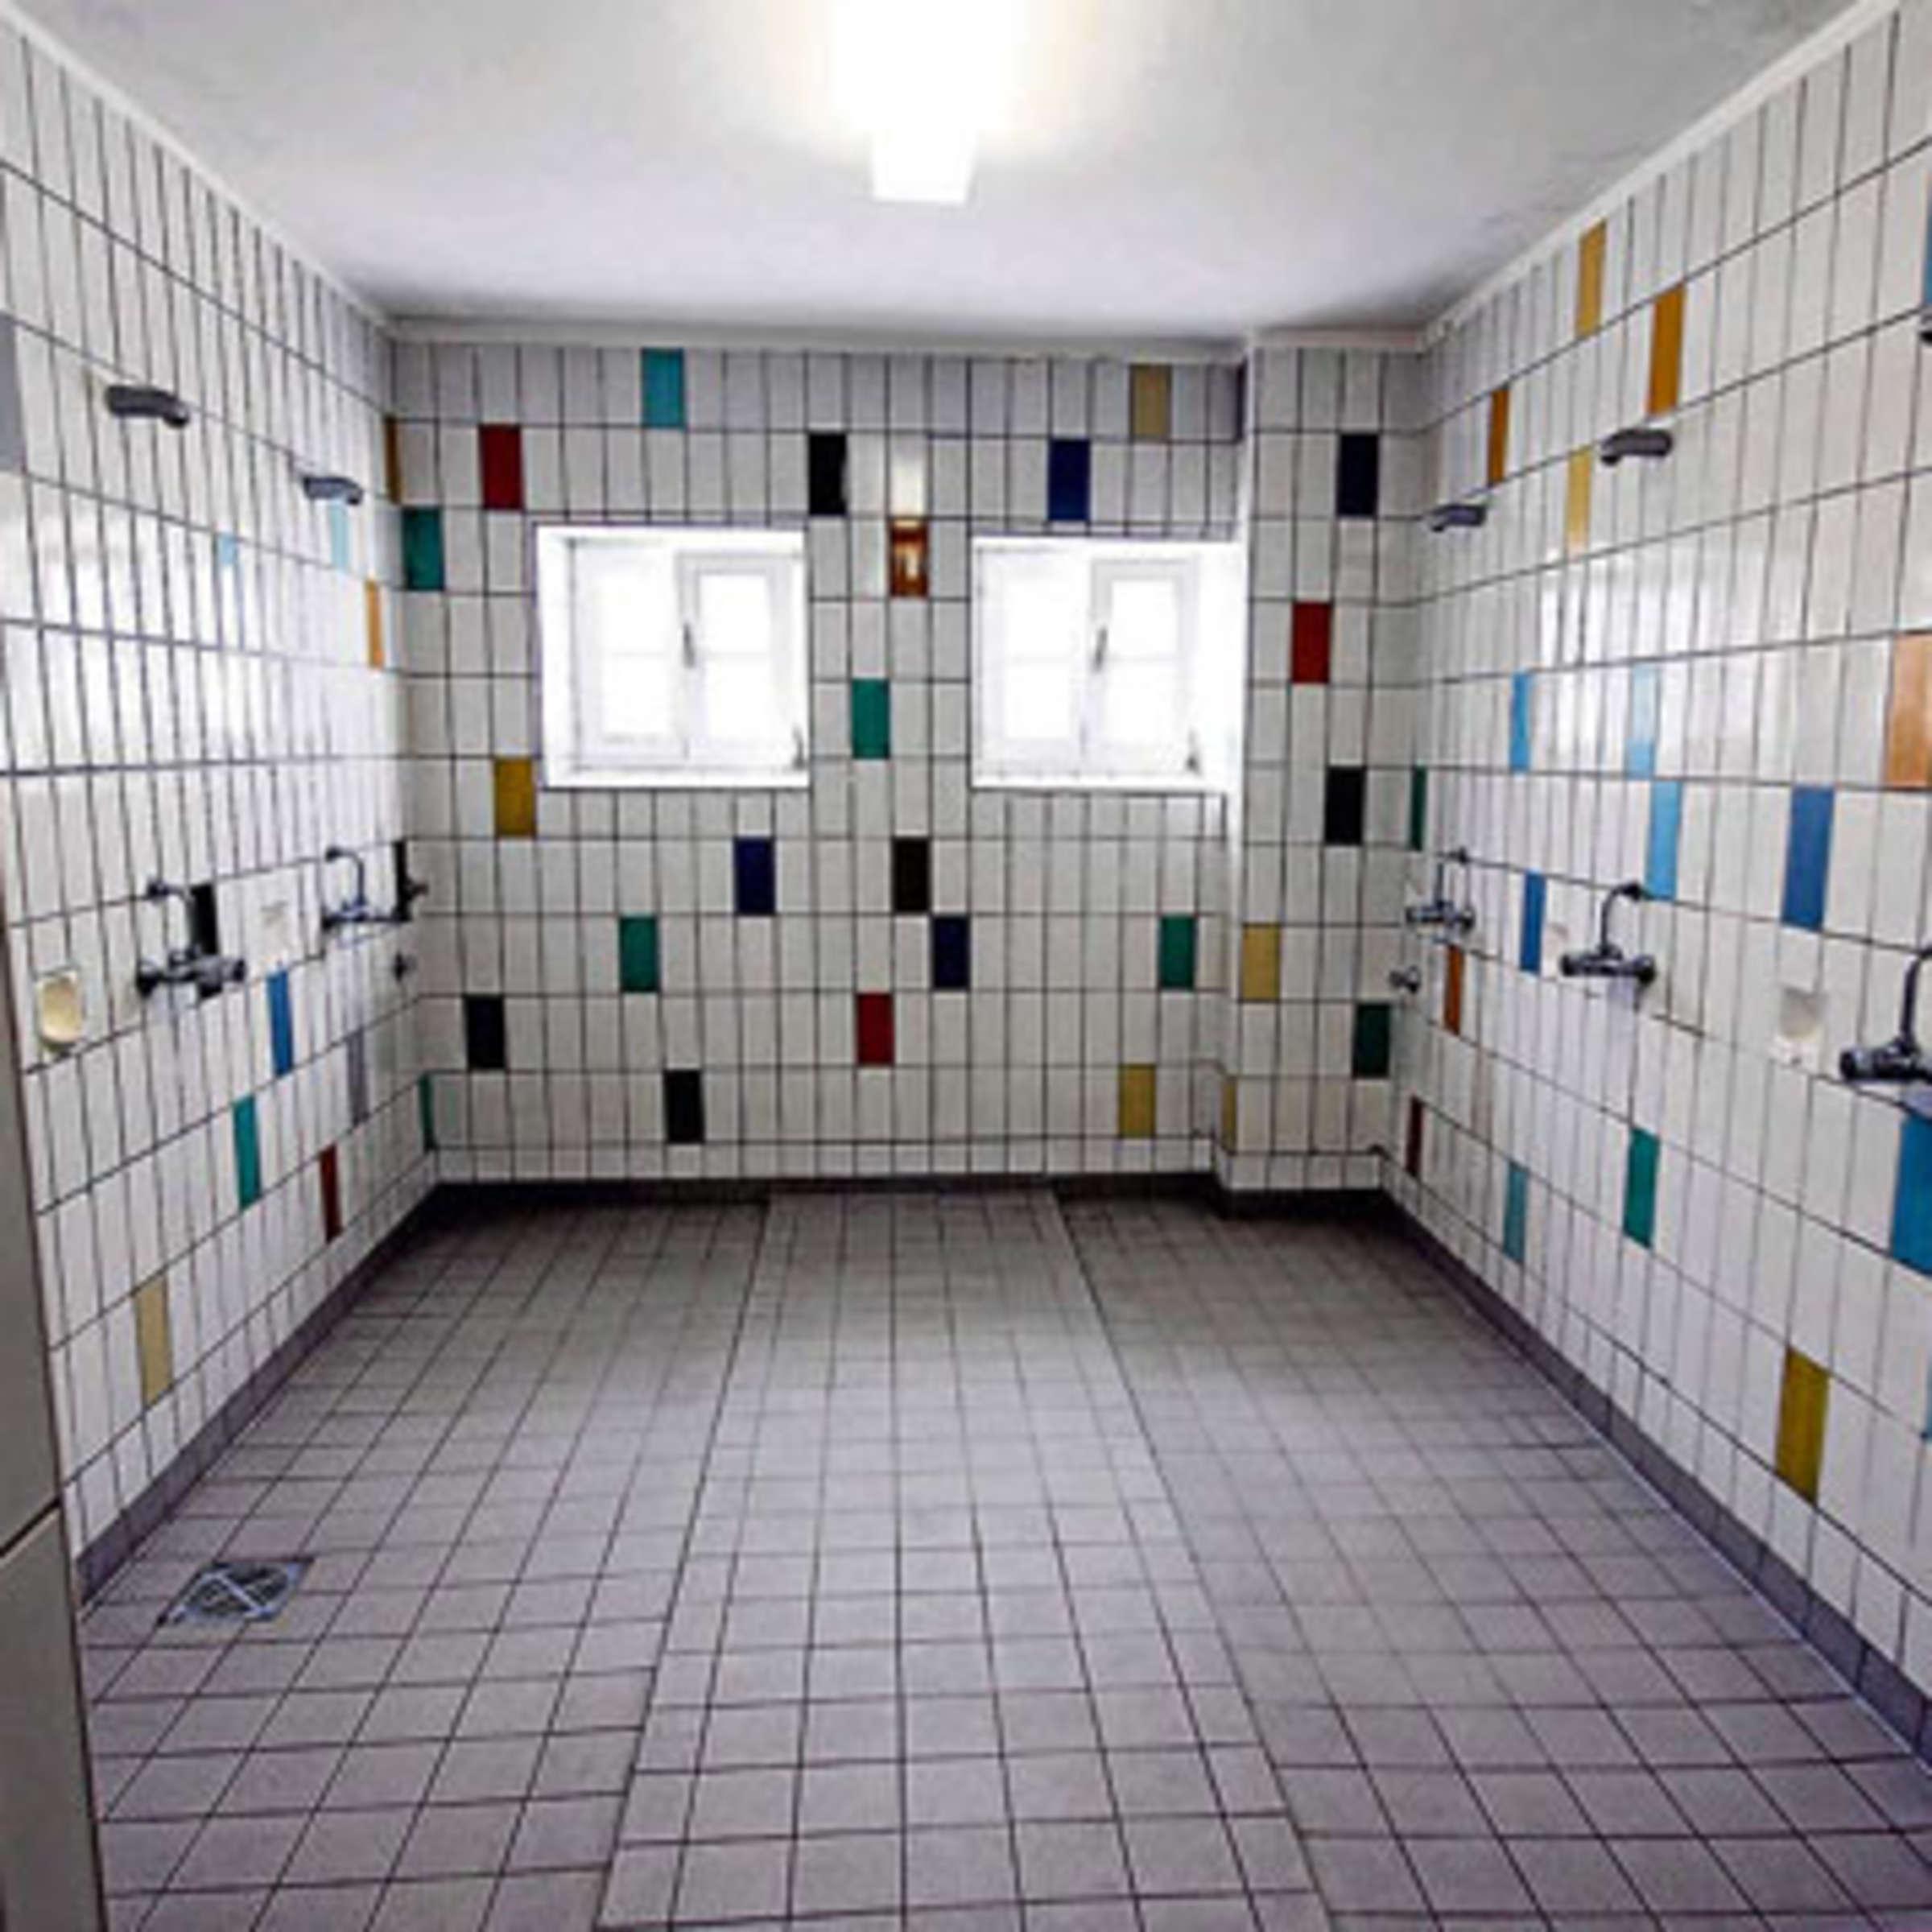 Schule nackt duschen Nach dem